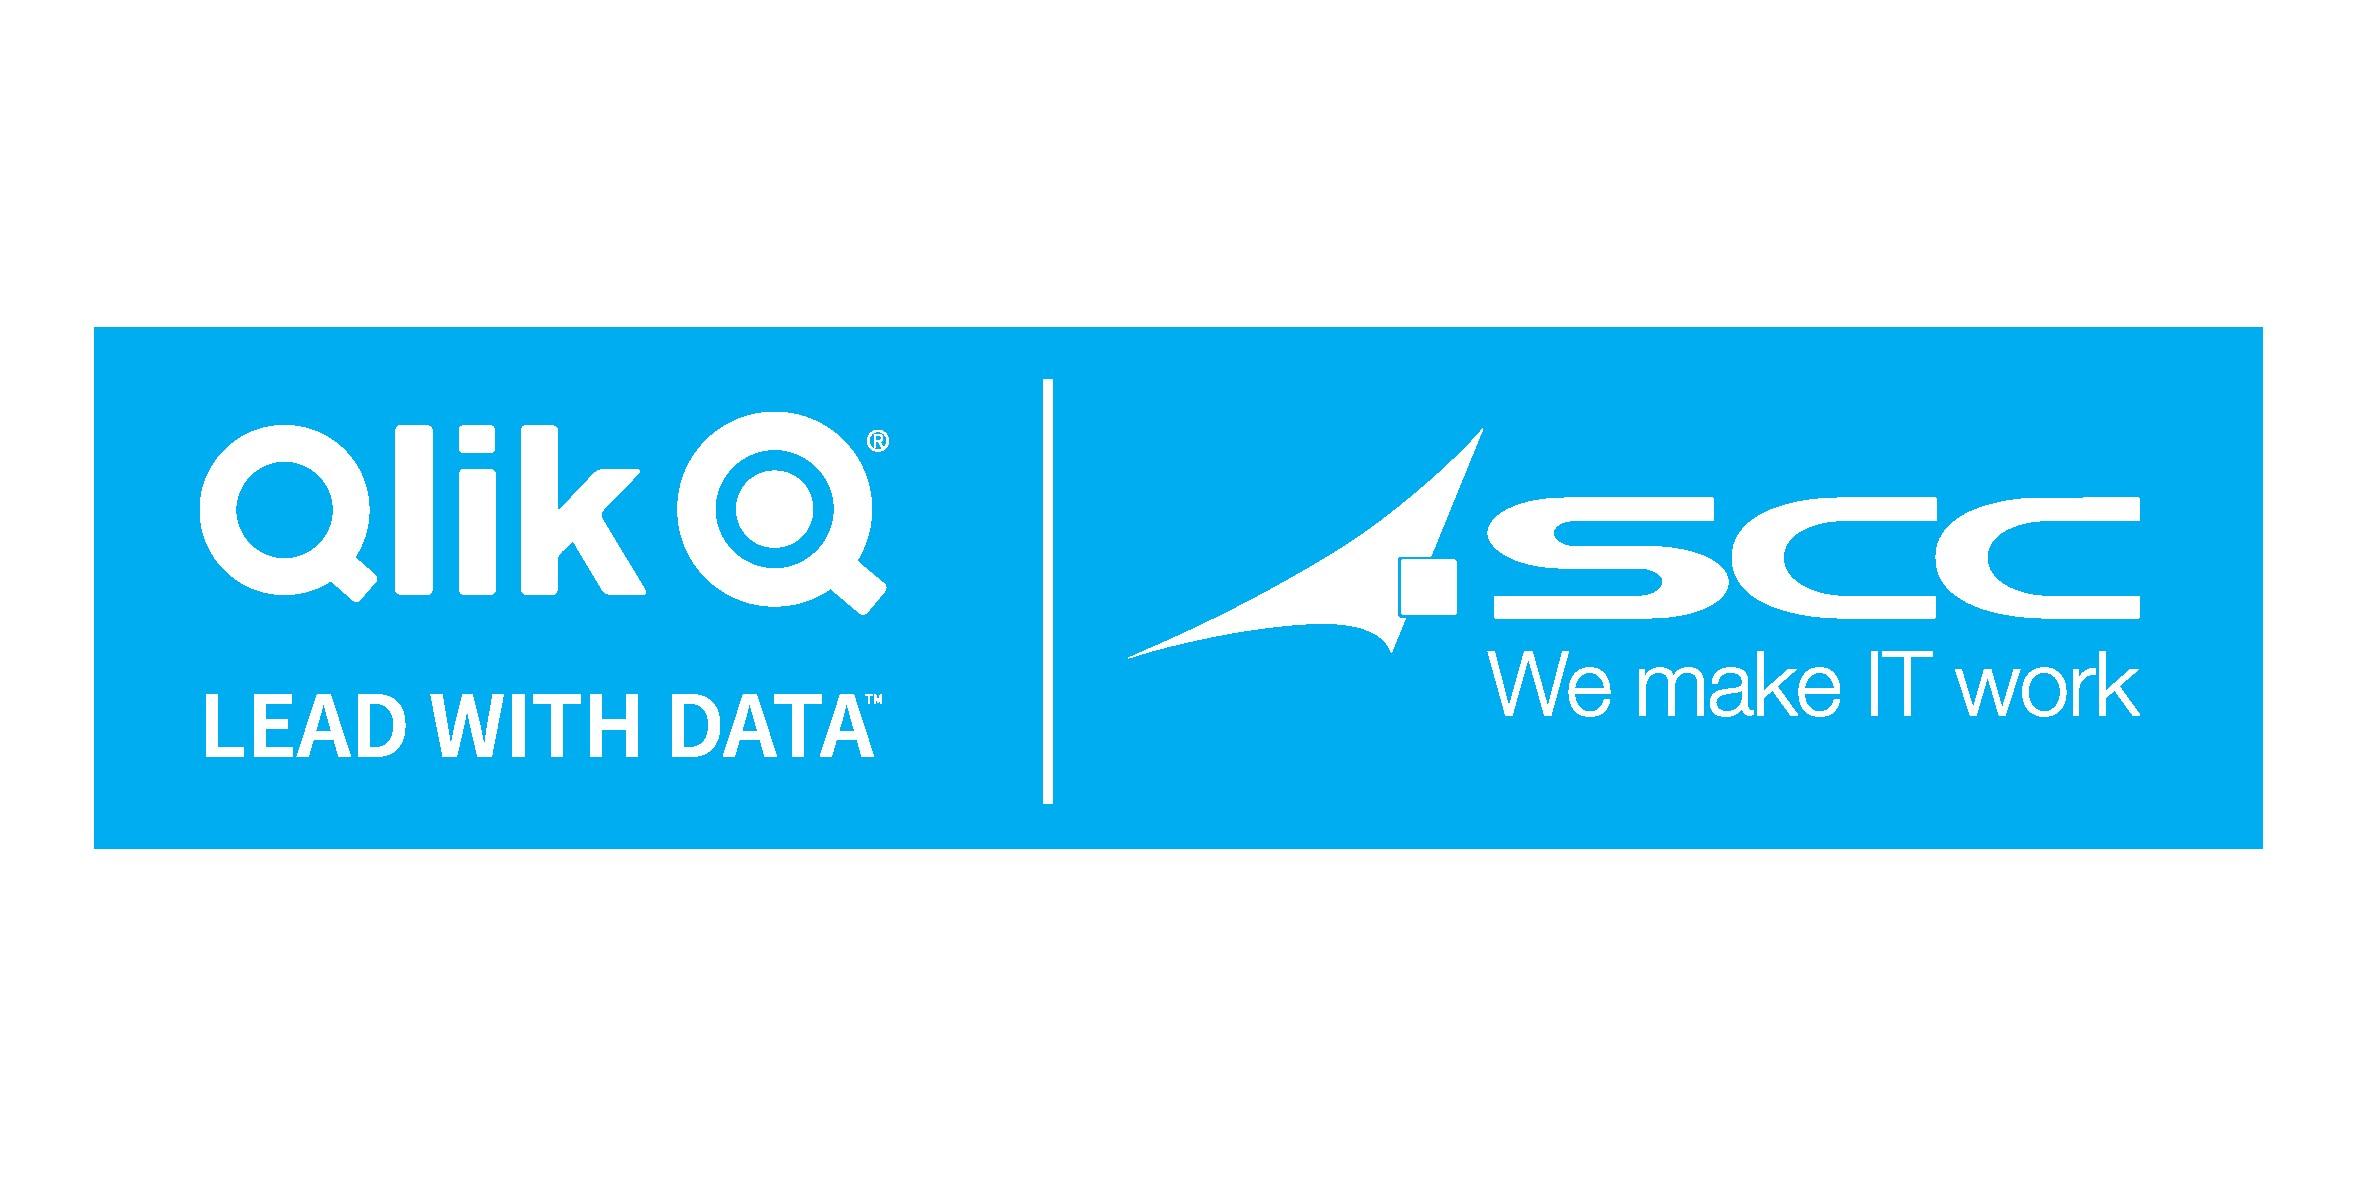 Qlik & SCC logo